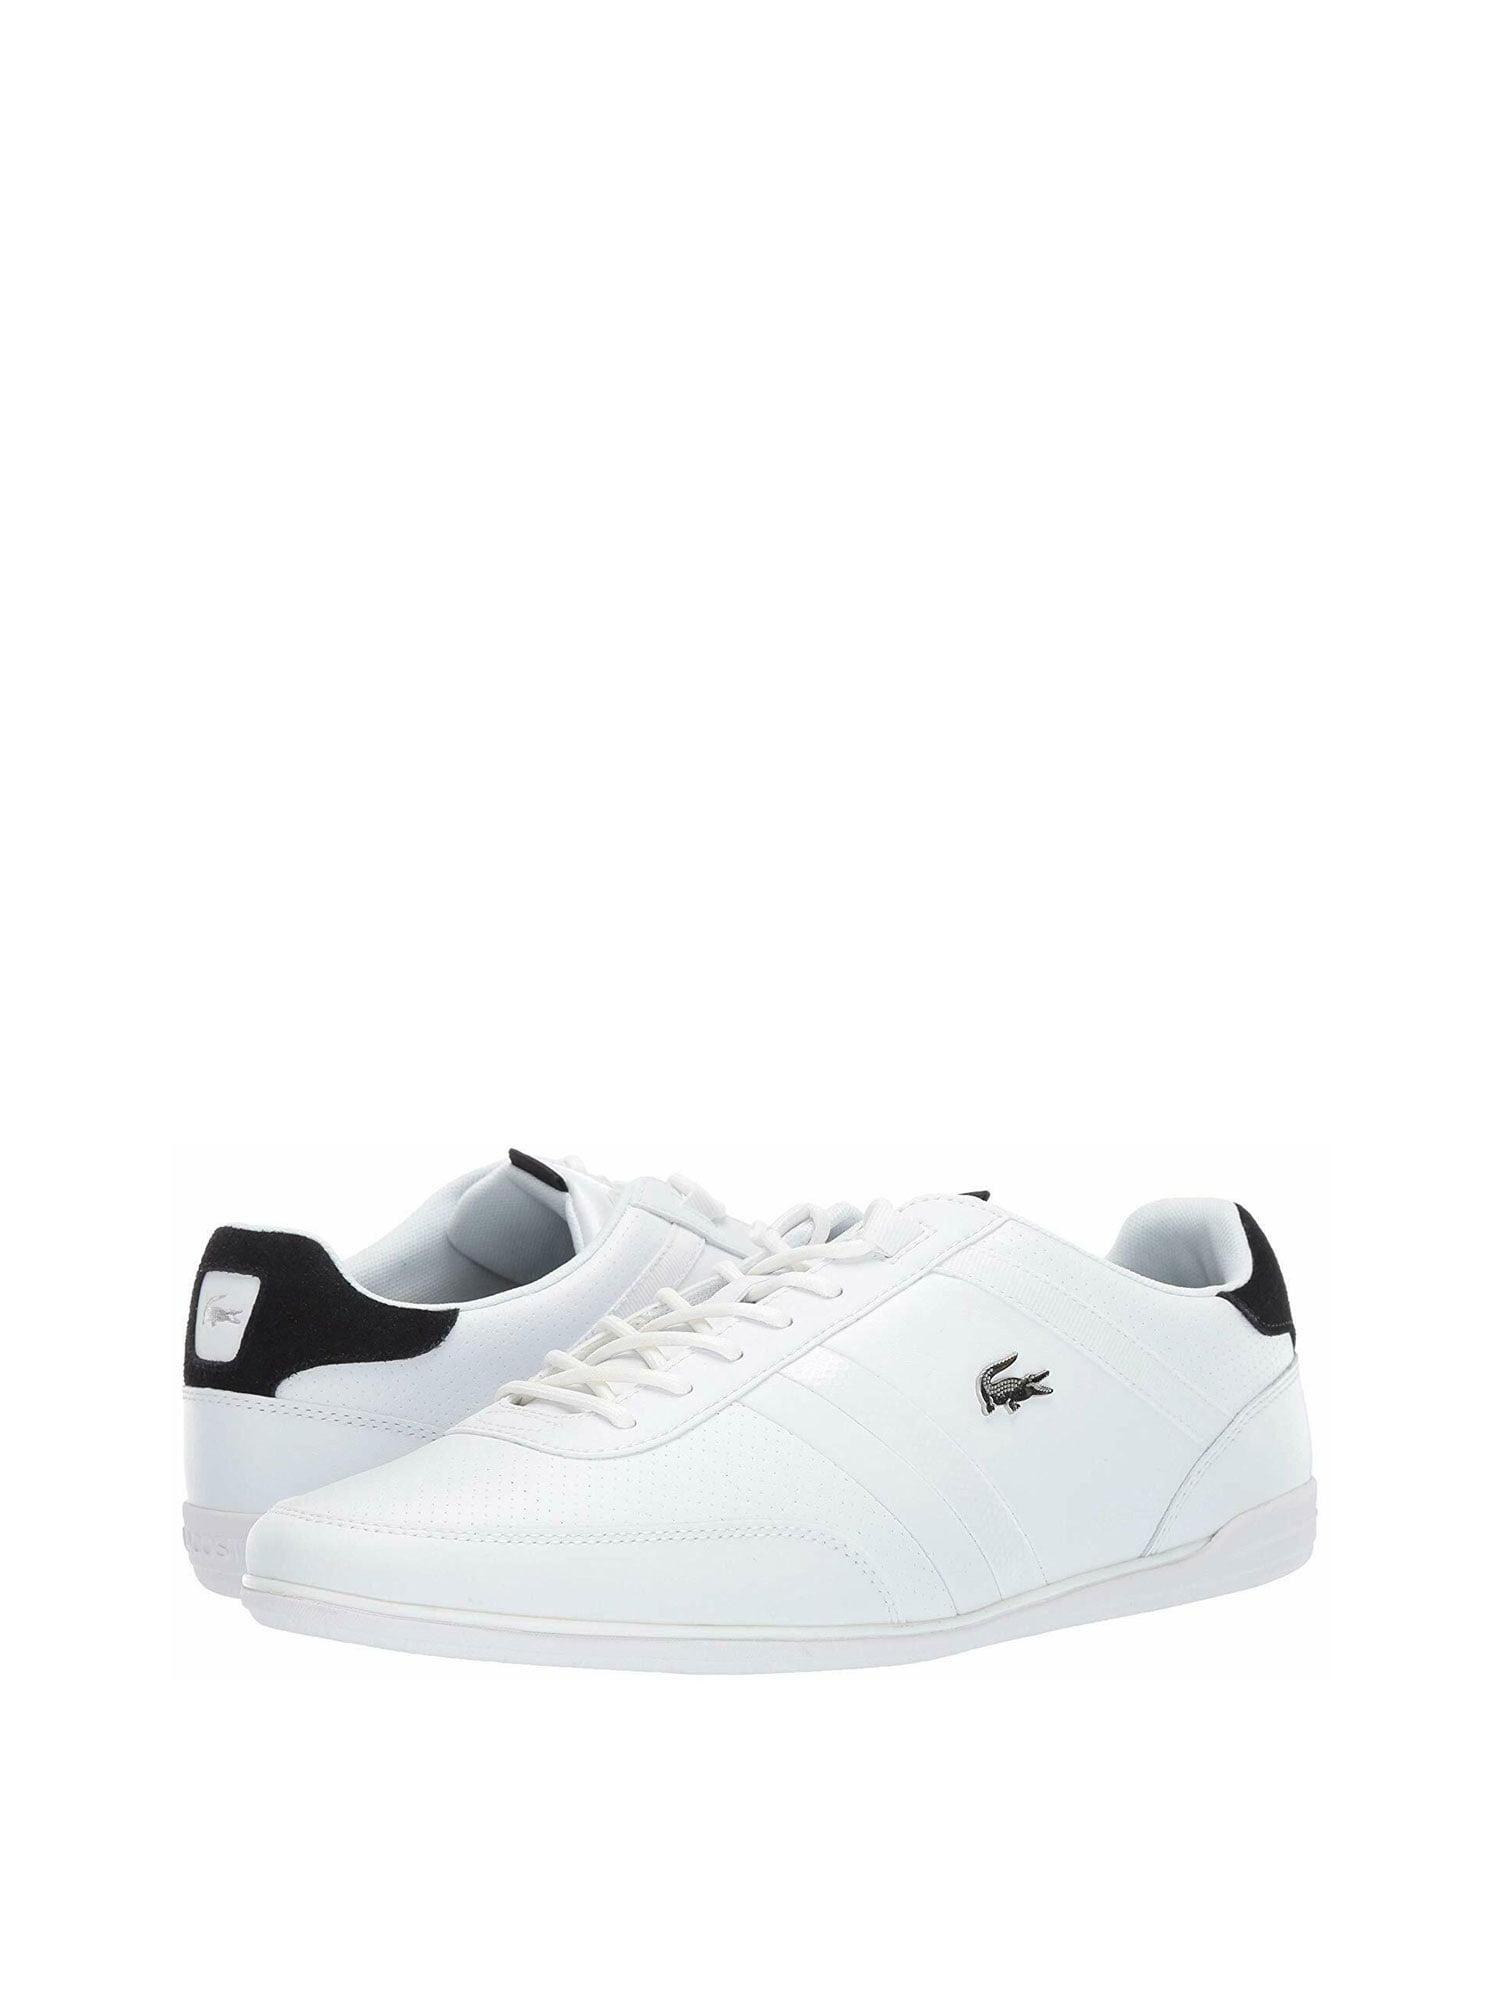 Lacoste Giron 119 Men's Leather Fashion Sneakers 37CMA0081147